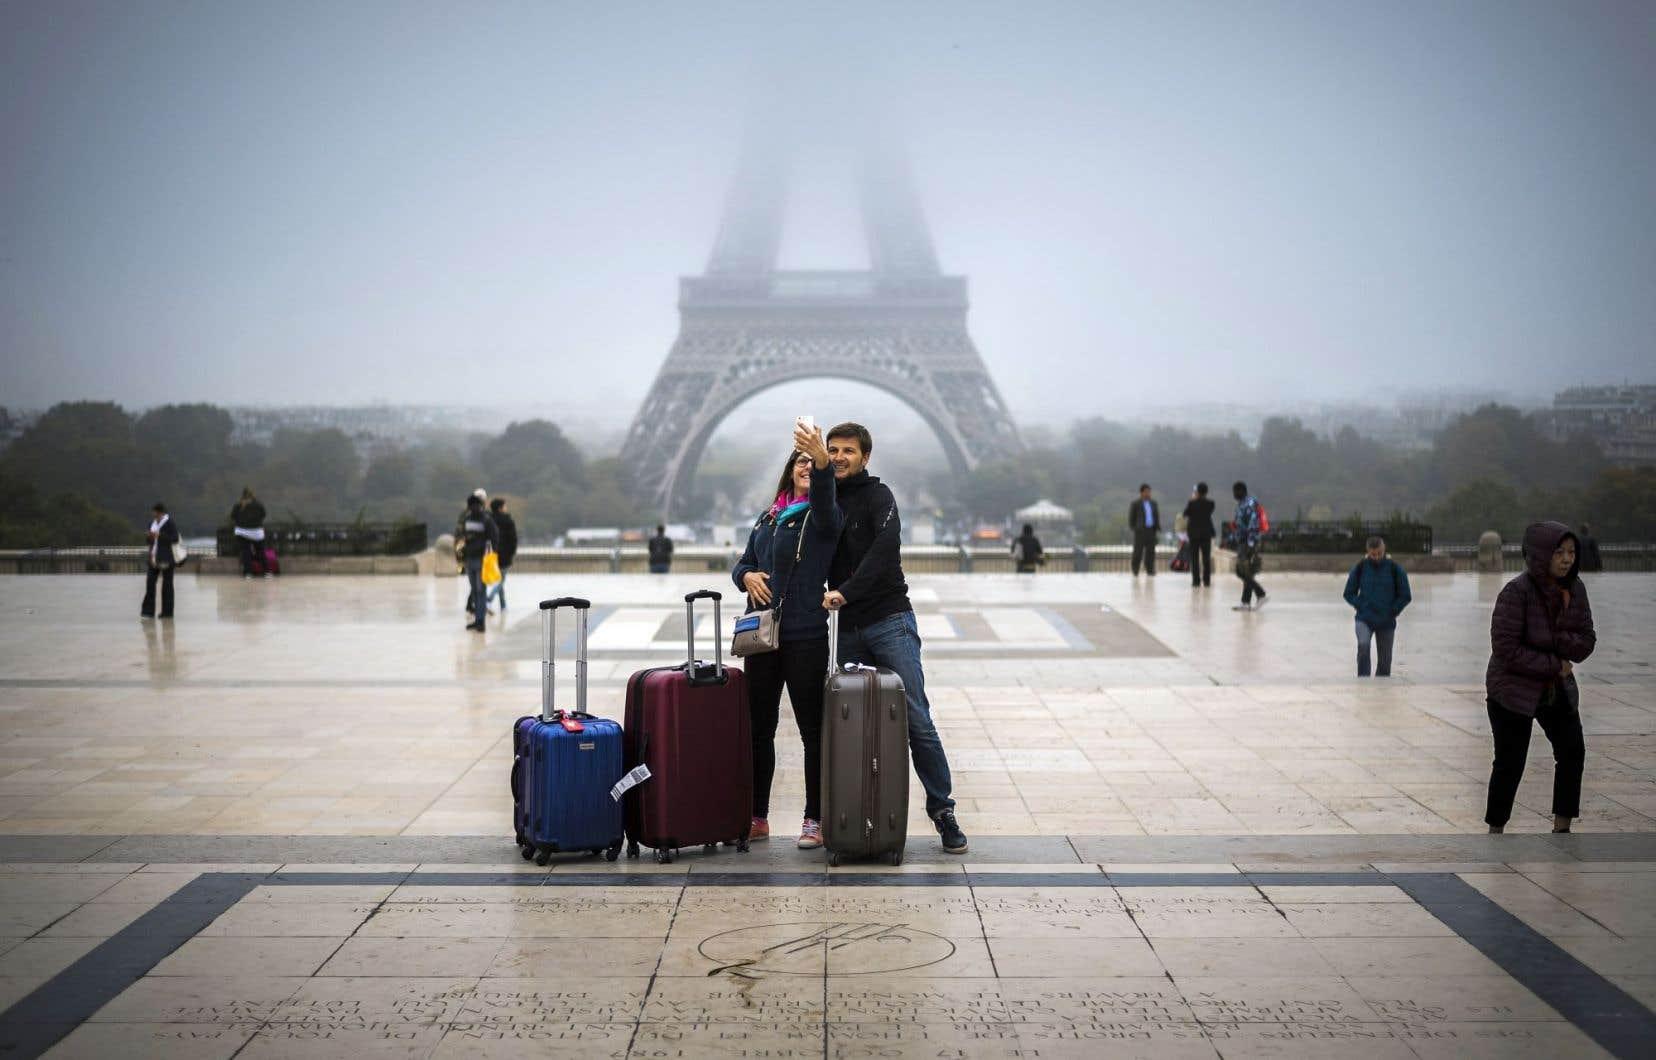 Paris prévoit d'aménager un grand espace d'accueil pour les visiteurs de la tour Eiffel.